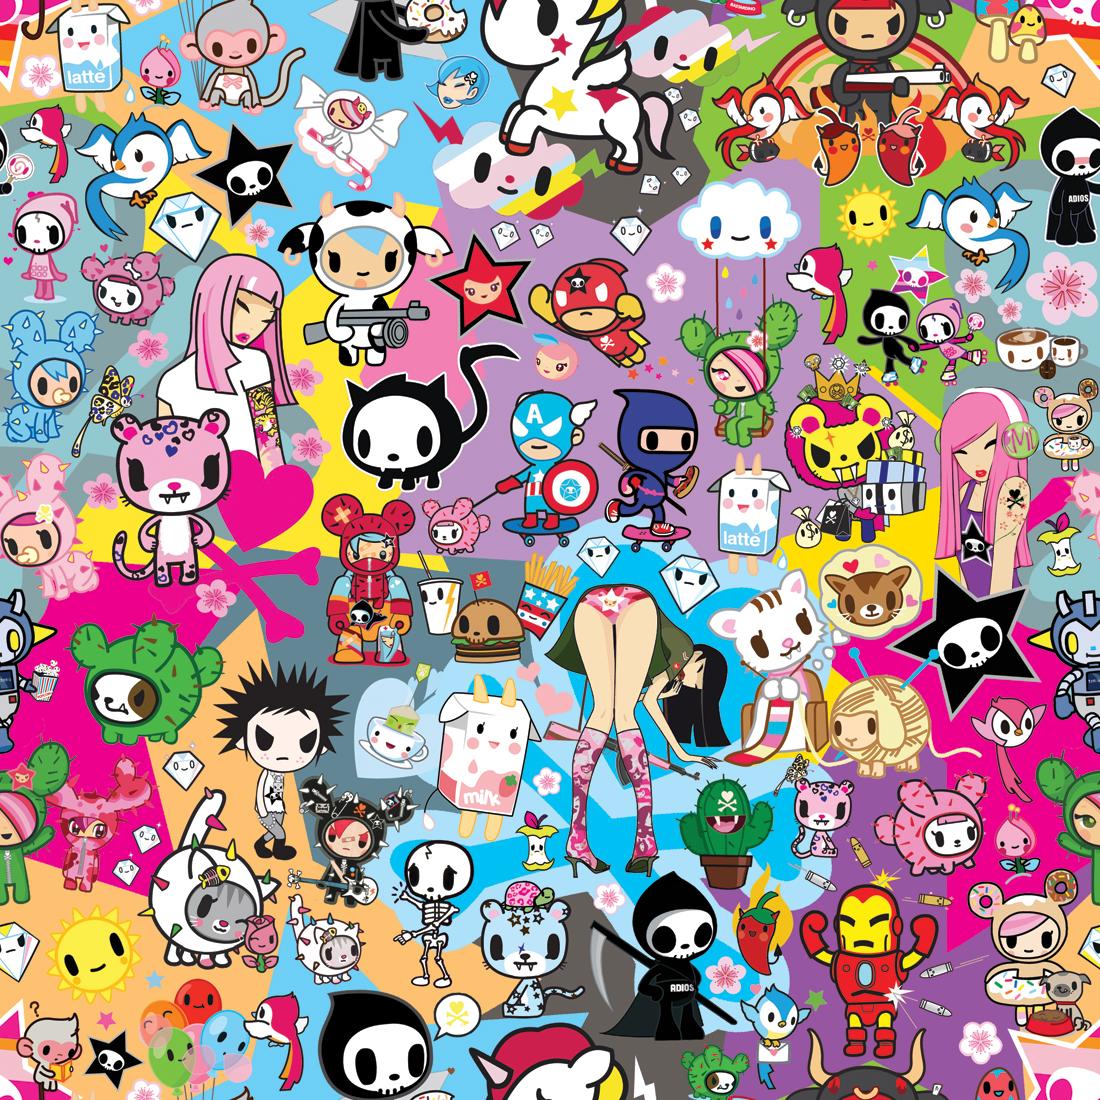 Best 58 Harajuku Desktop Backgrounds on HipWallpaper Harajuku 1100x1100